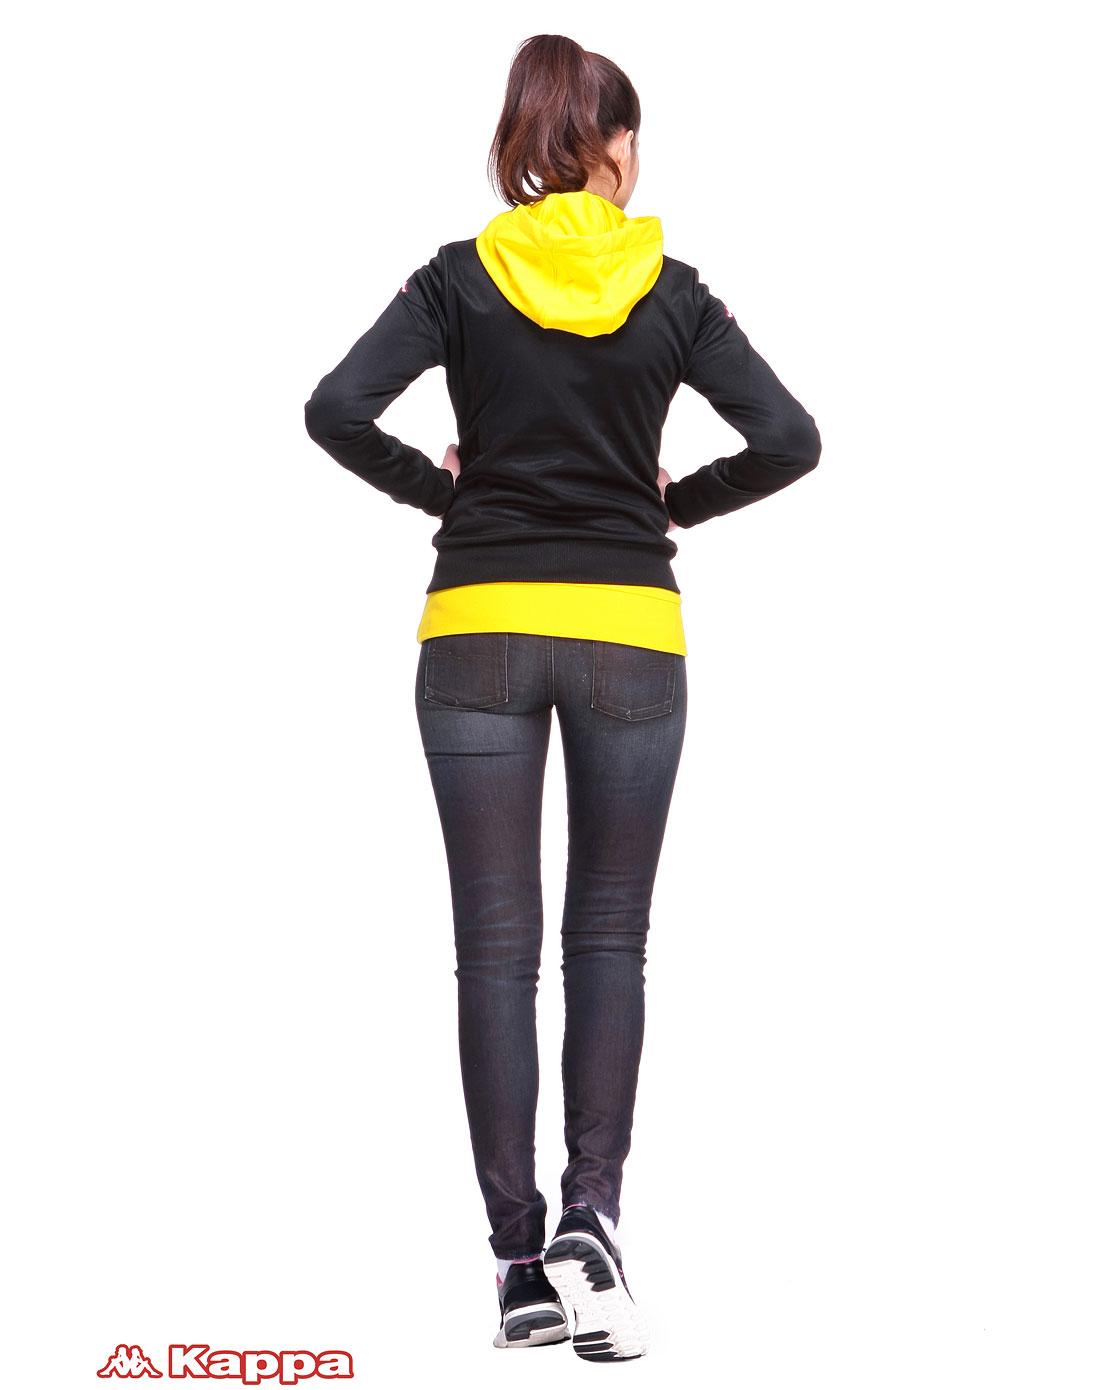 卡帕kappa女装专场-黑色时尚长袖拉链外套